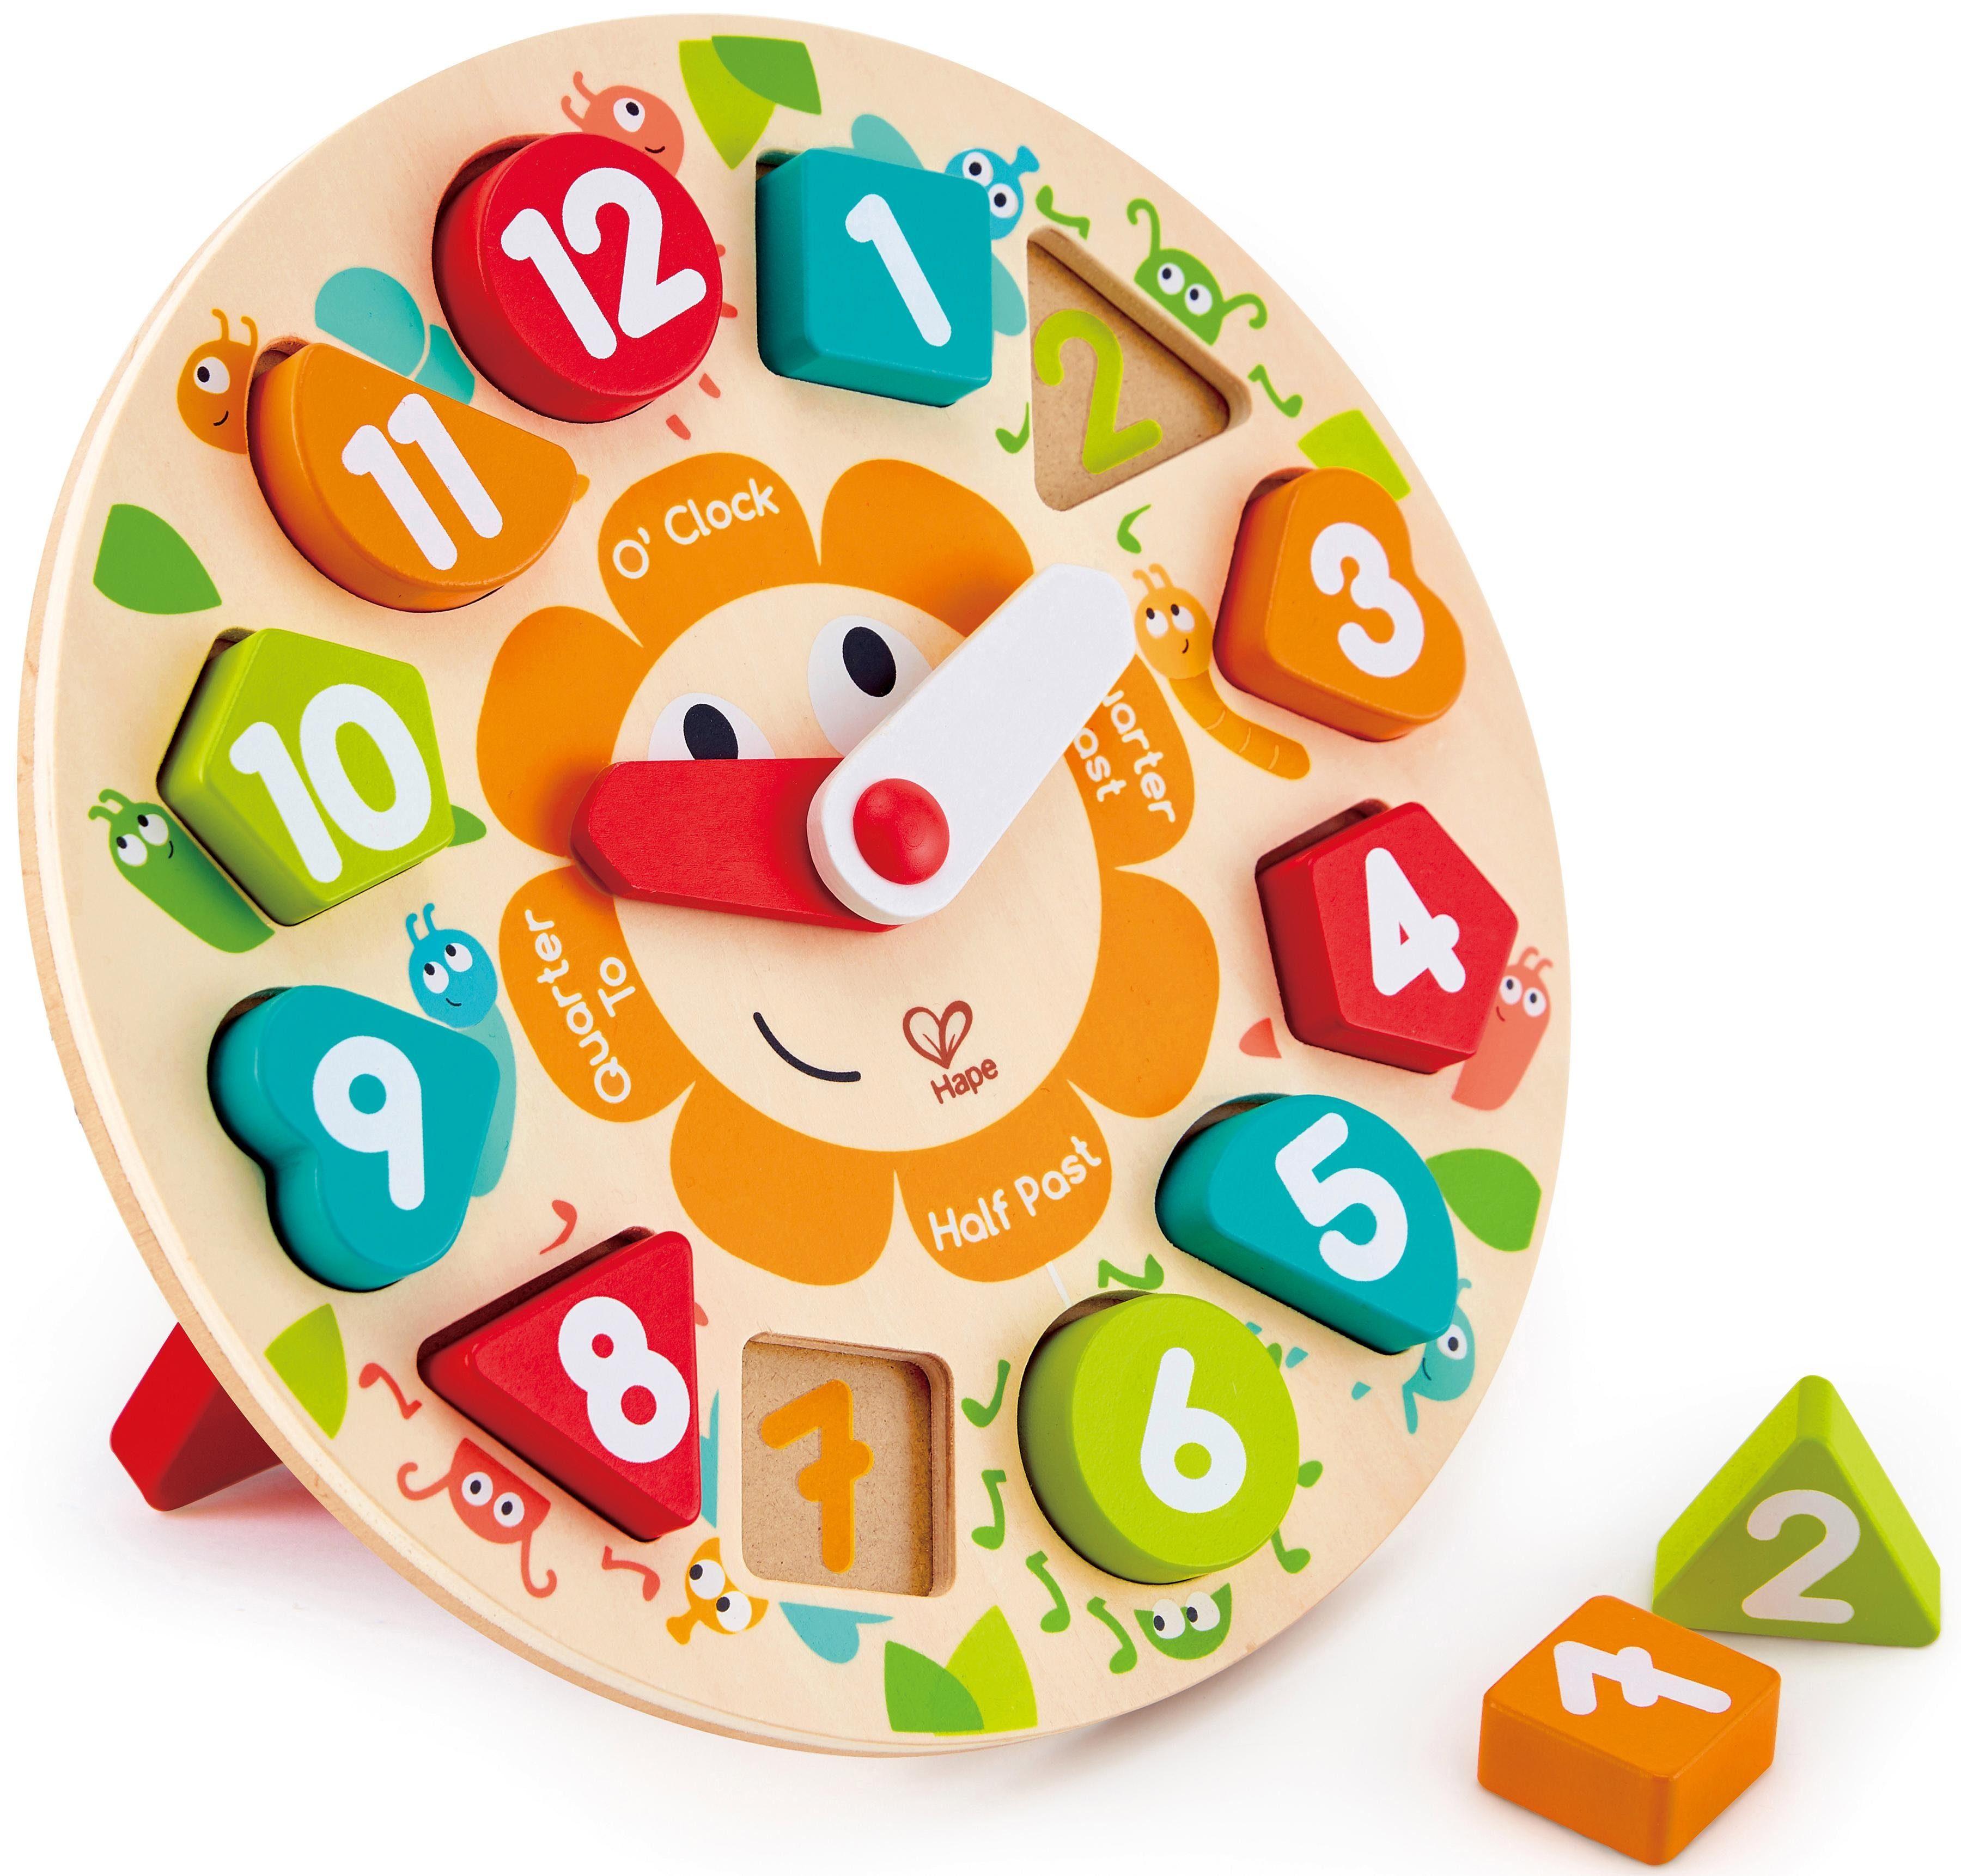 Hape Holzspielzeug, »Steckpuzzle Uhr«